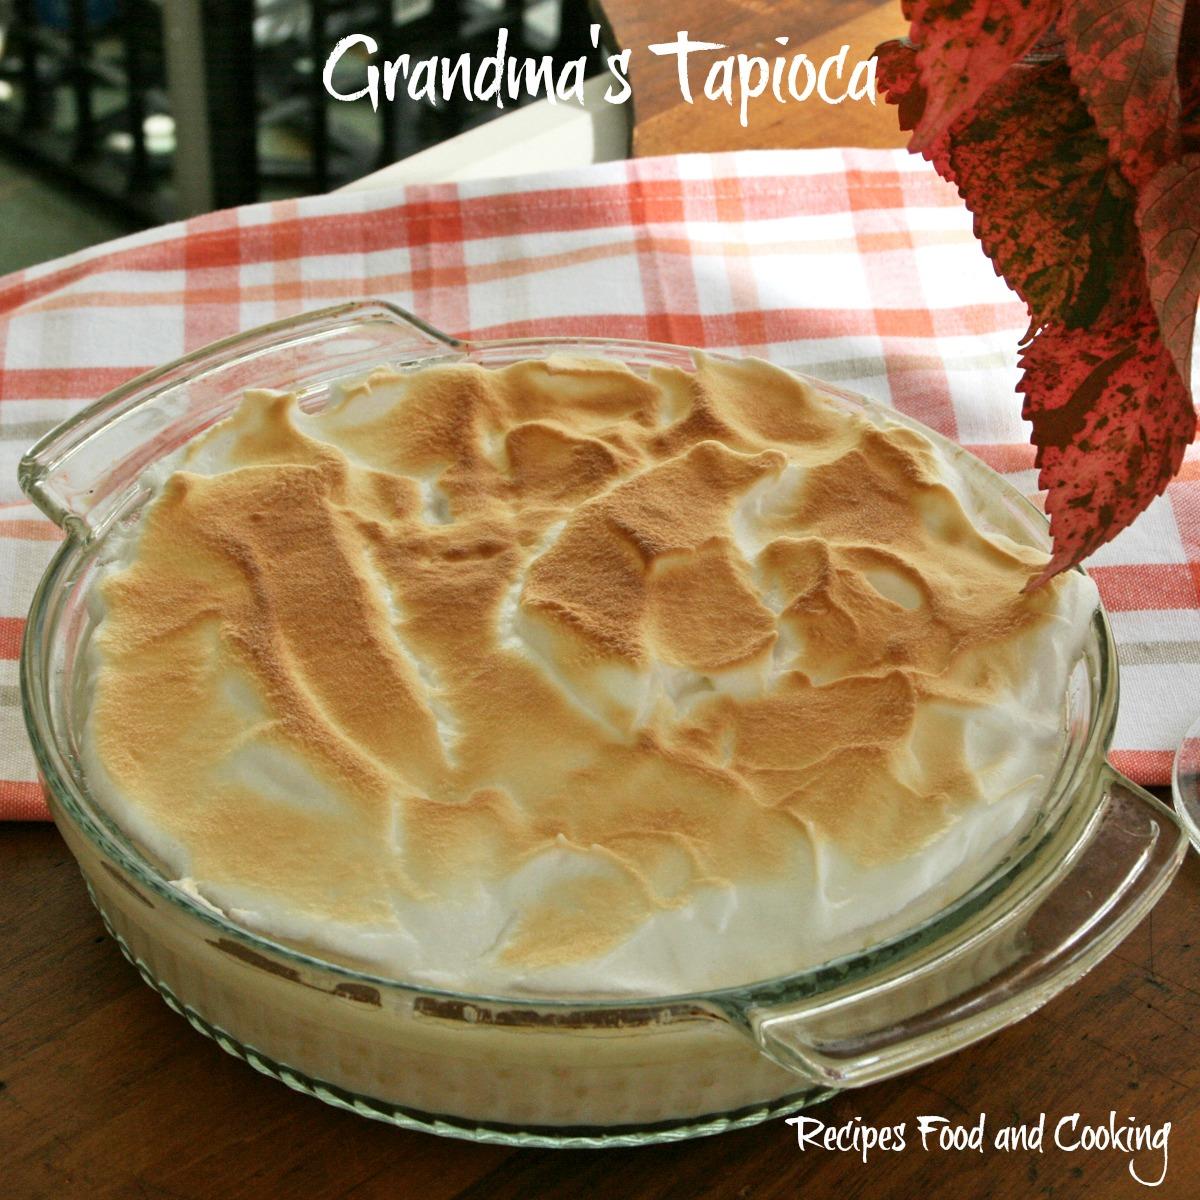 Grandma's Tapioca